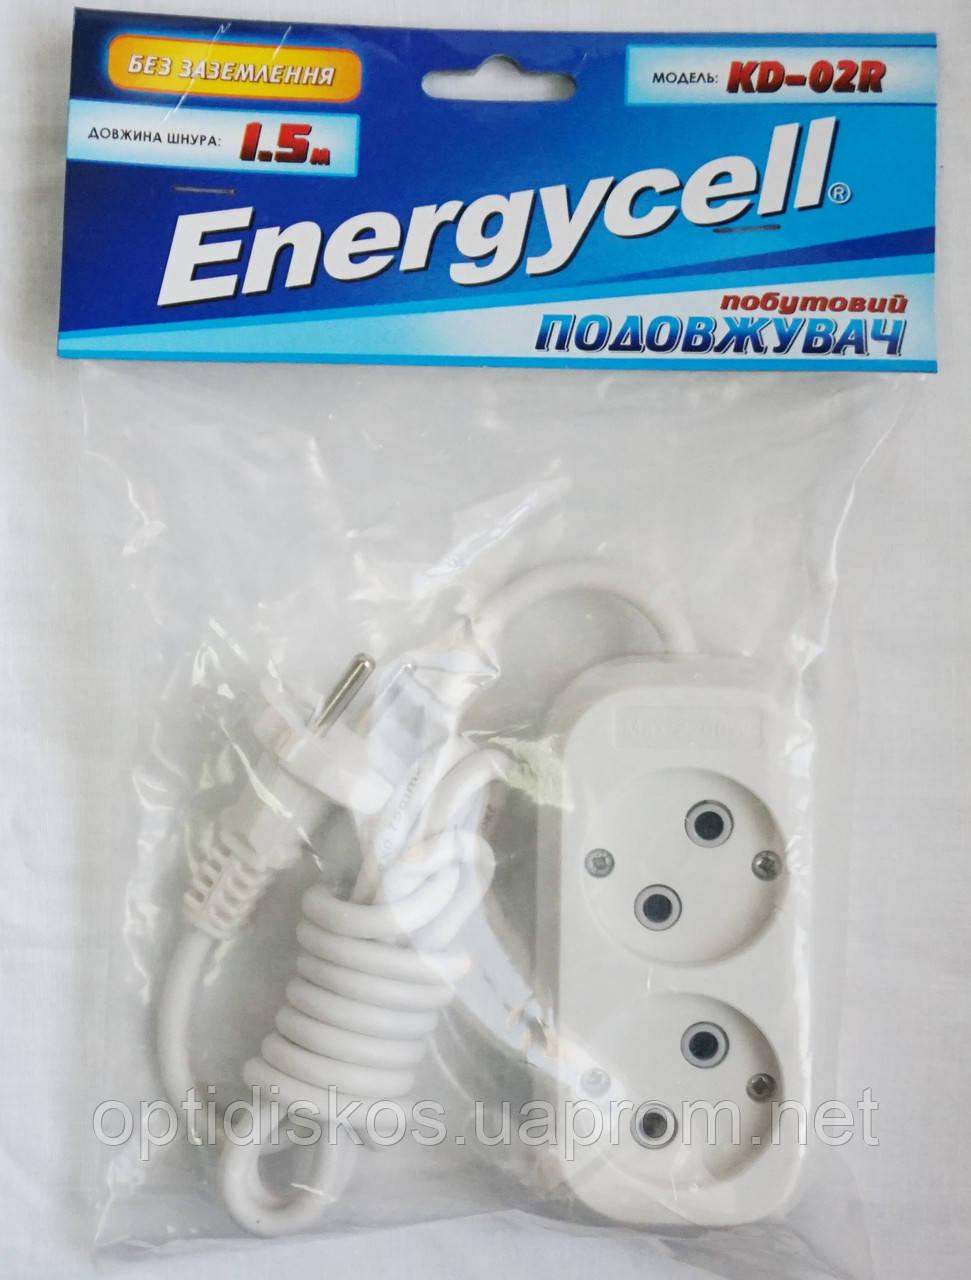 Удлинитель Energycell, 2 розетки, 1,5м (без заземления)